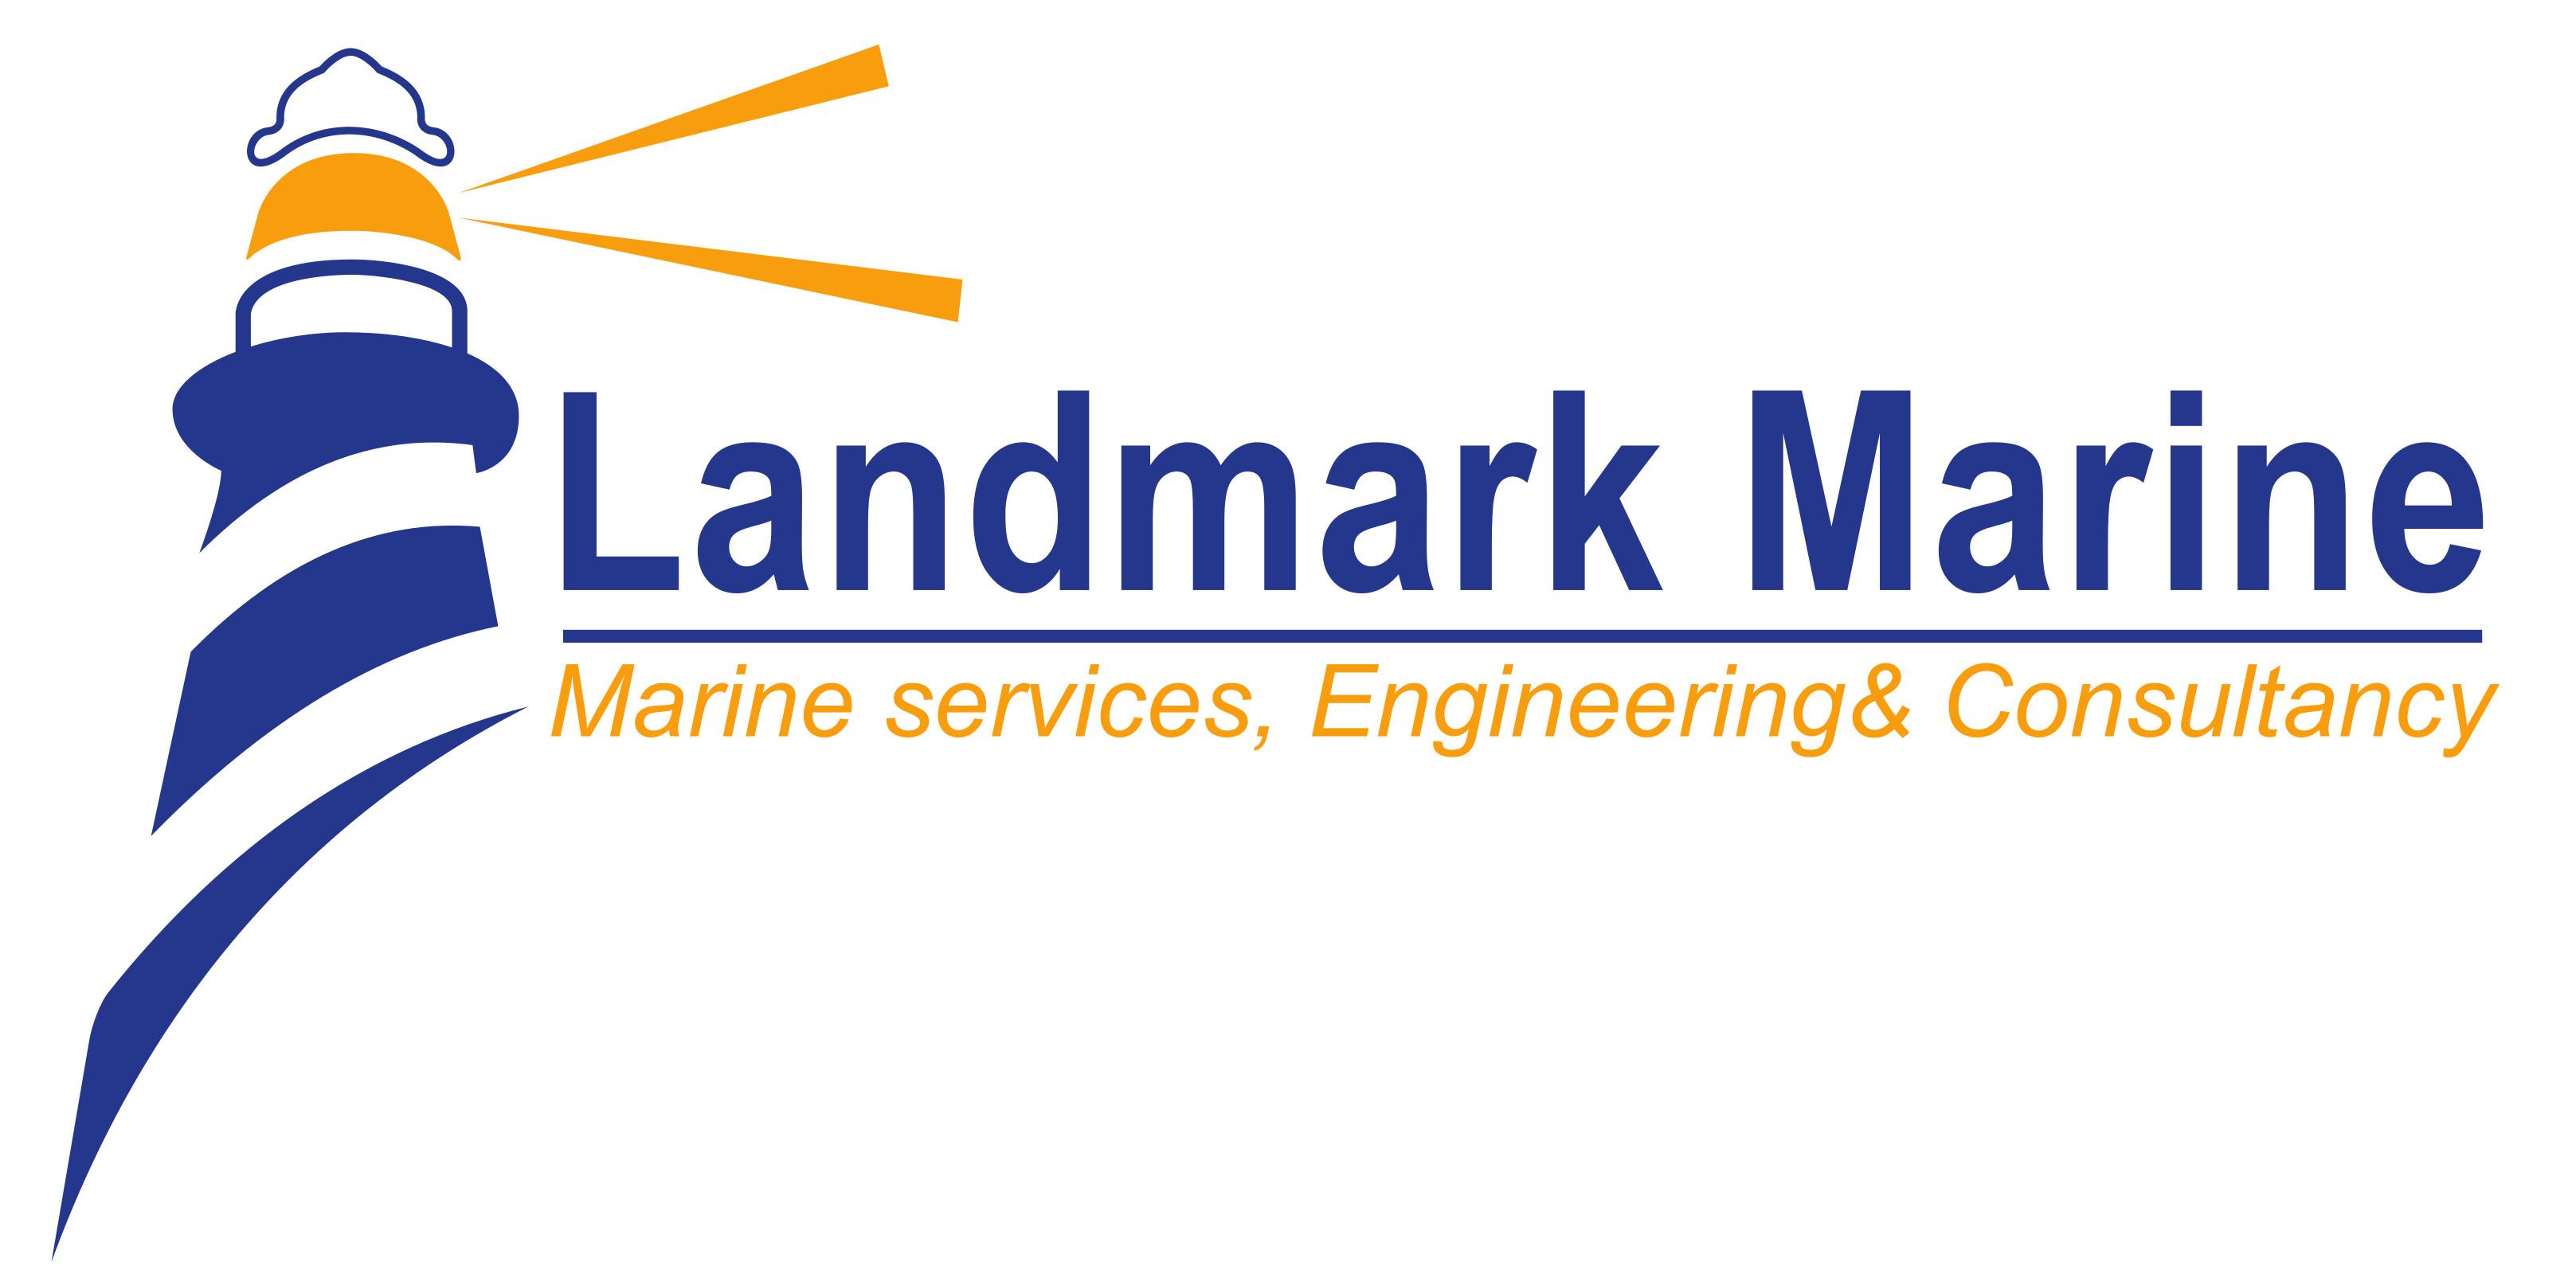 Landmark Marine